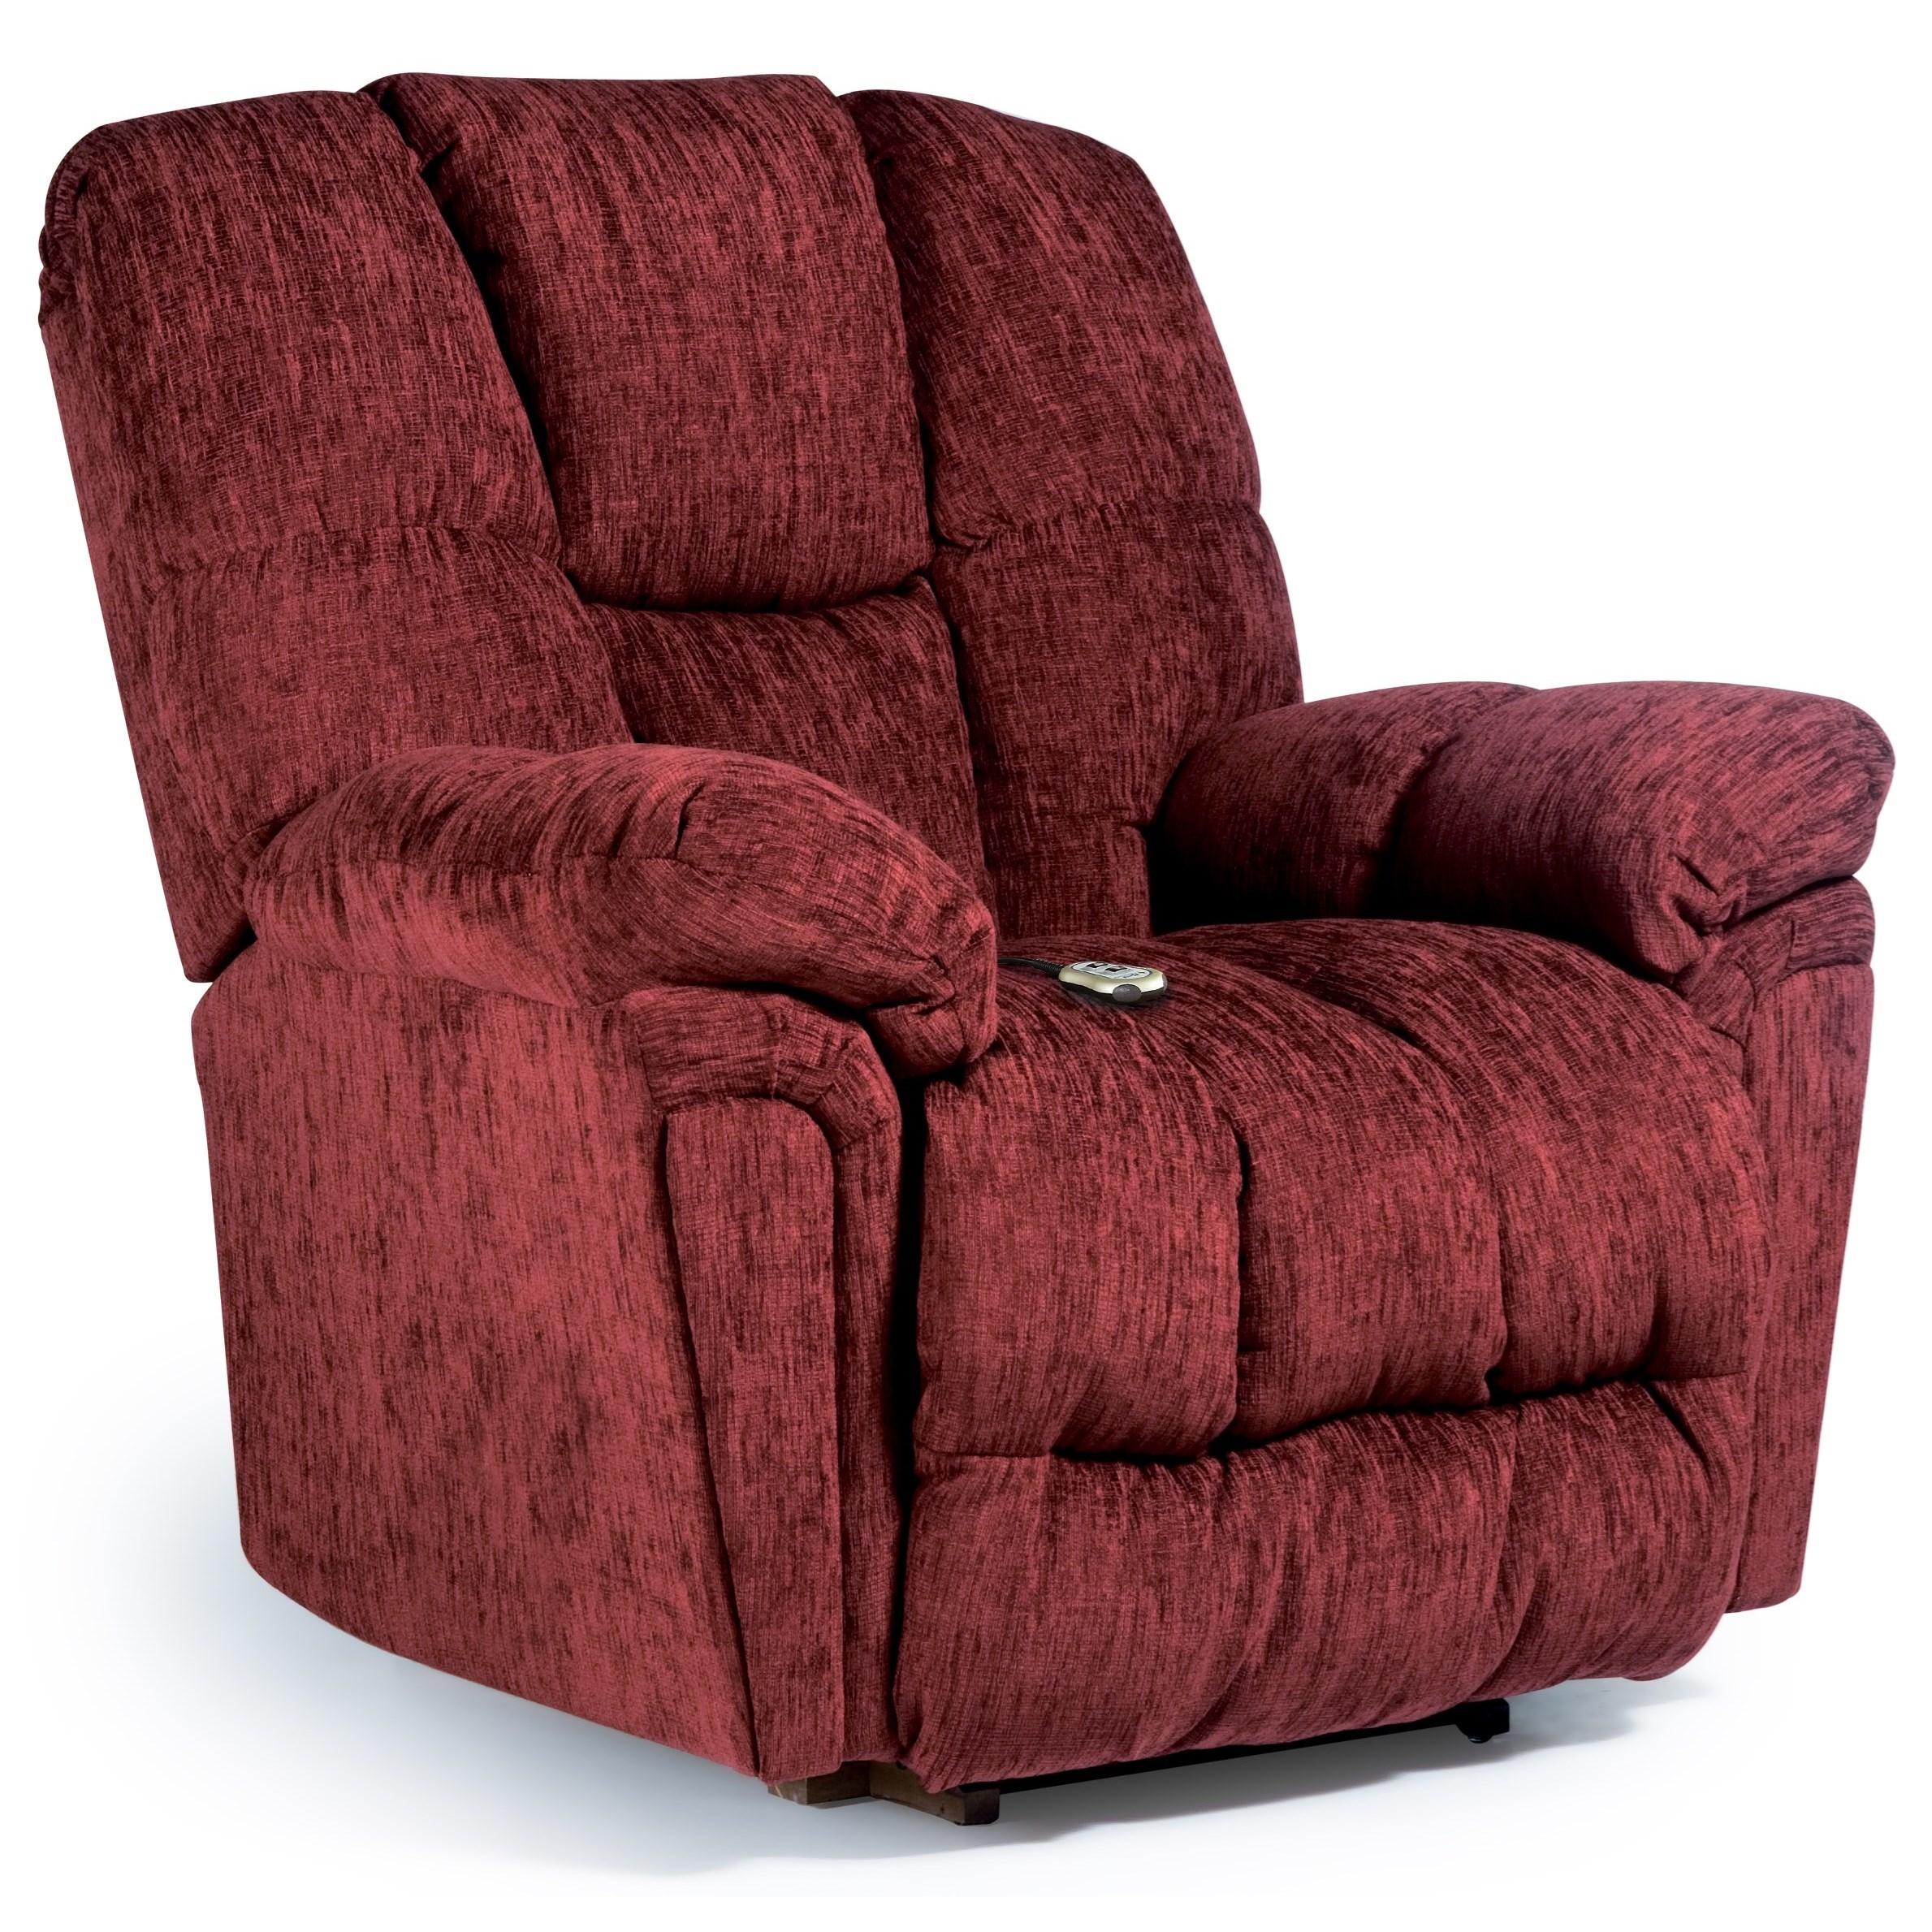 Maurer BodyRest Lift Recliner by Best Home Furnishings at Baer's Furniture